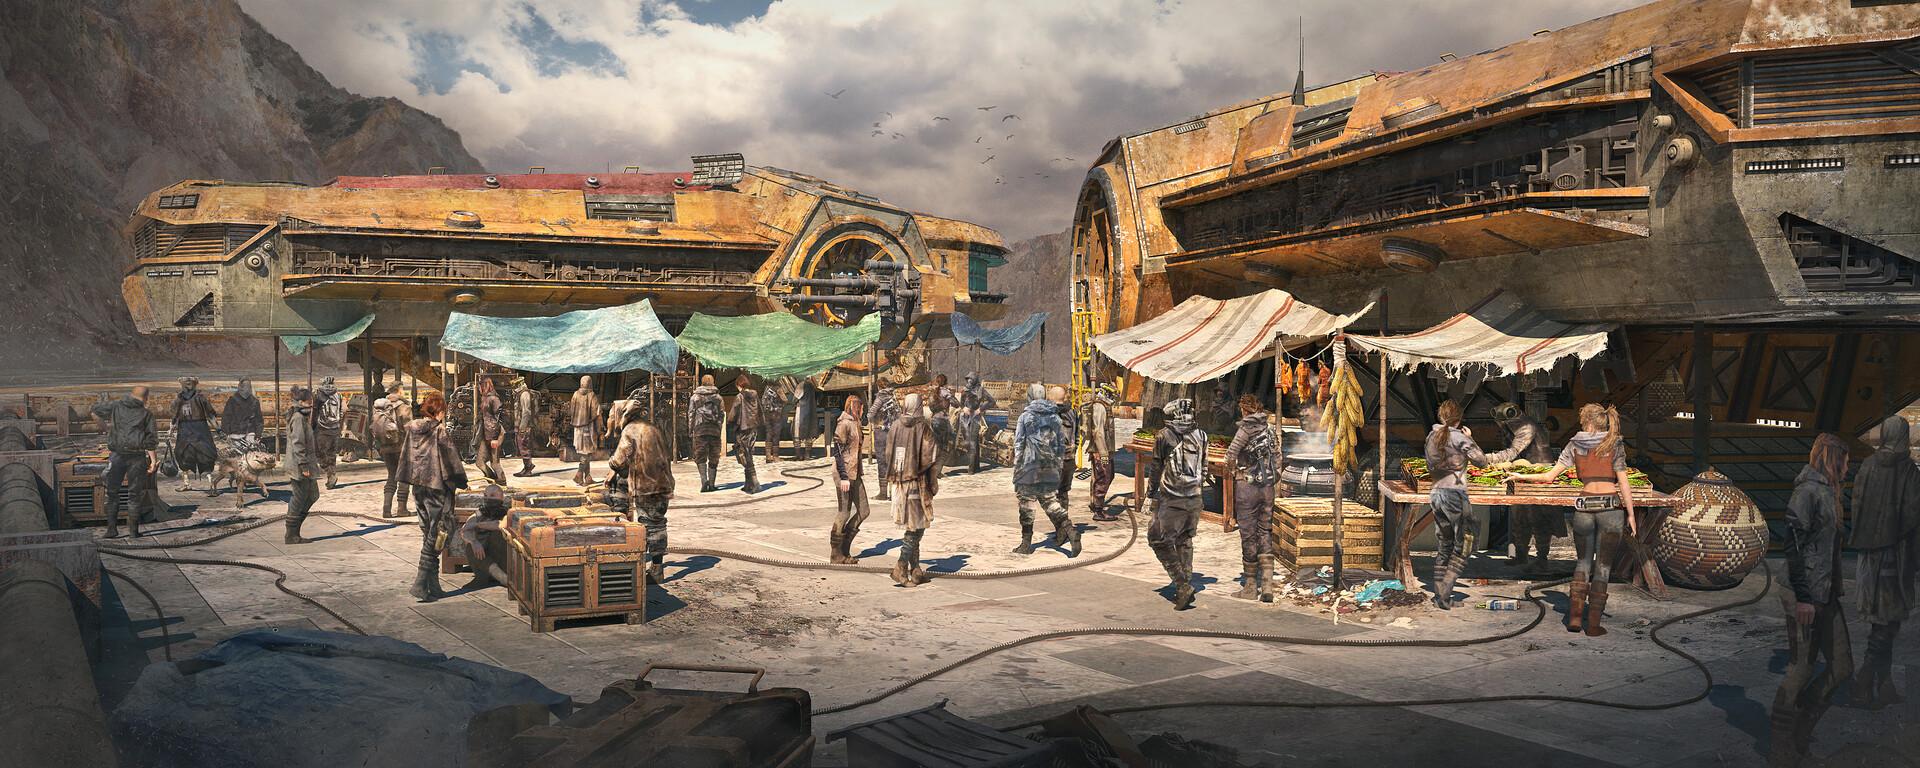 jordi-van-hees-market-beauty-render-007-